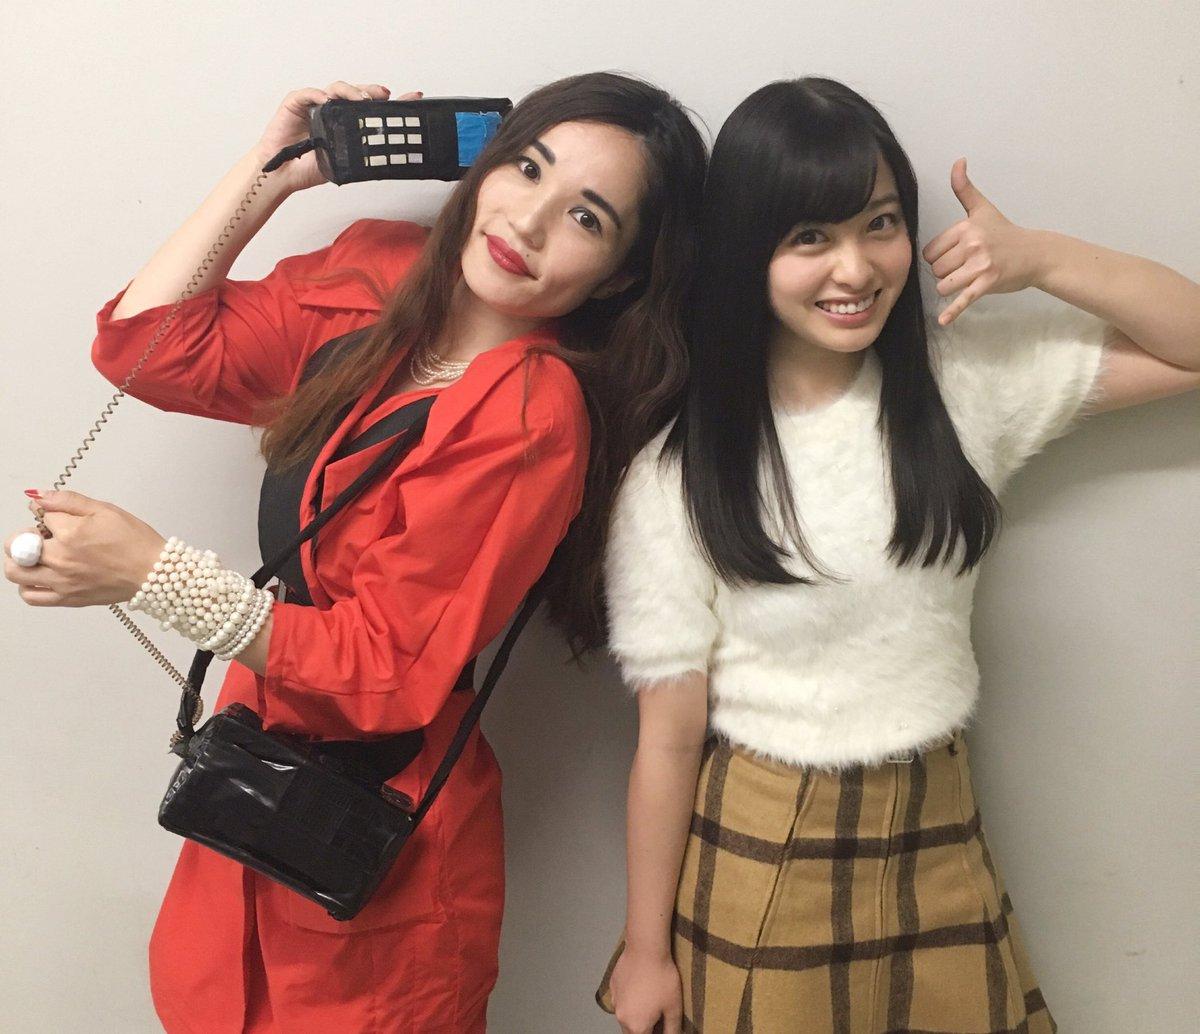 ダウンタウンDX始まりましたね〜  写真撮って頂いたんです!! #平野ノラ さんと♡ バブリー!!